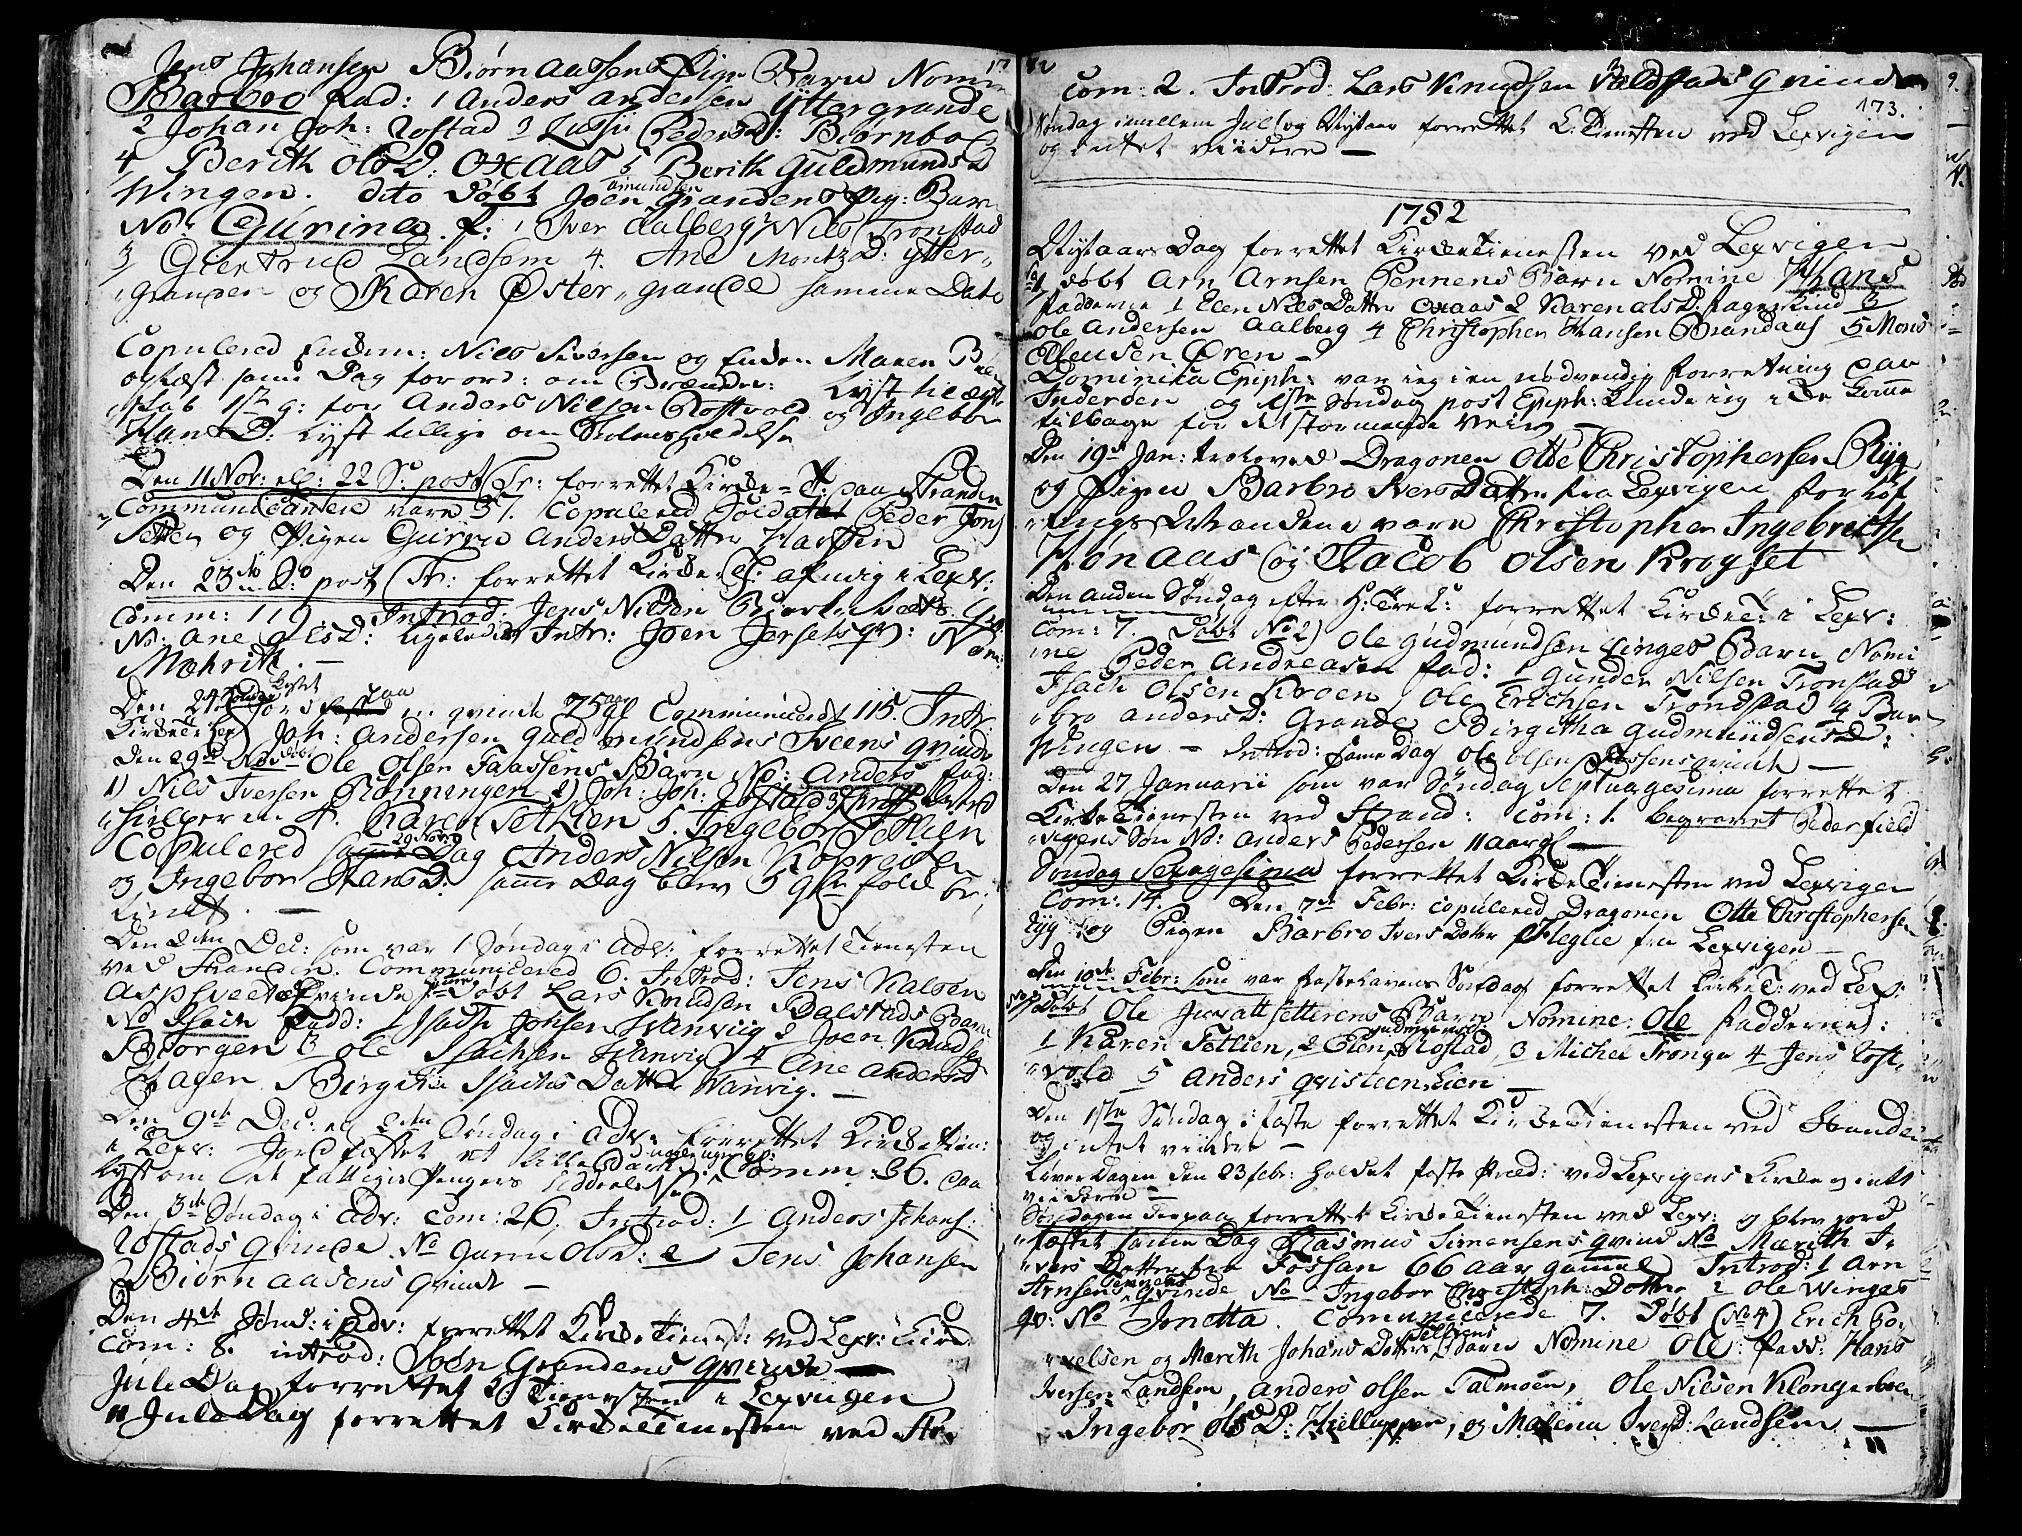 SAT, Ministerialprotokoller, klokkerbøker og fødselsregistre - Nord-Trøndelag, 701/L0003: Ministerialbok nr. 701A03, 1751-1783, s. 173